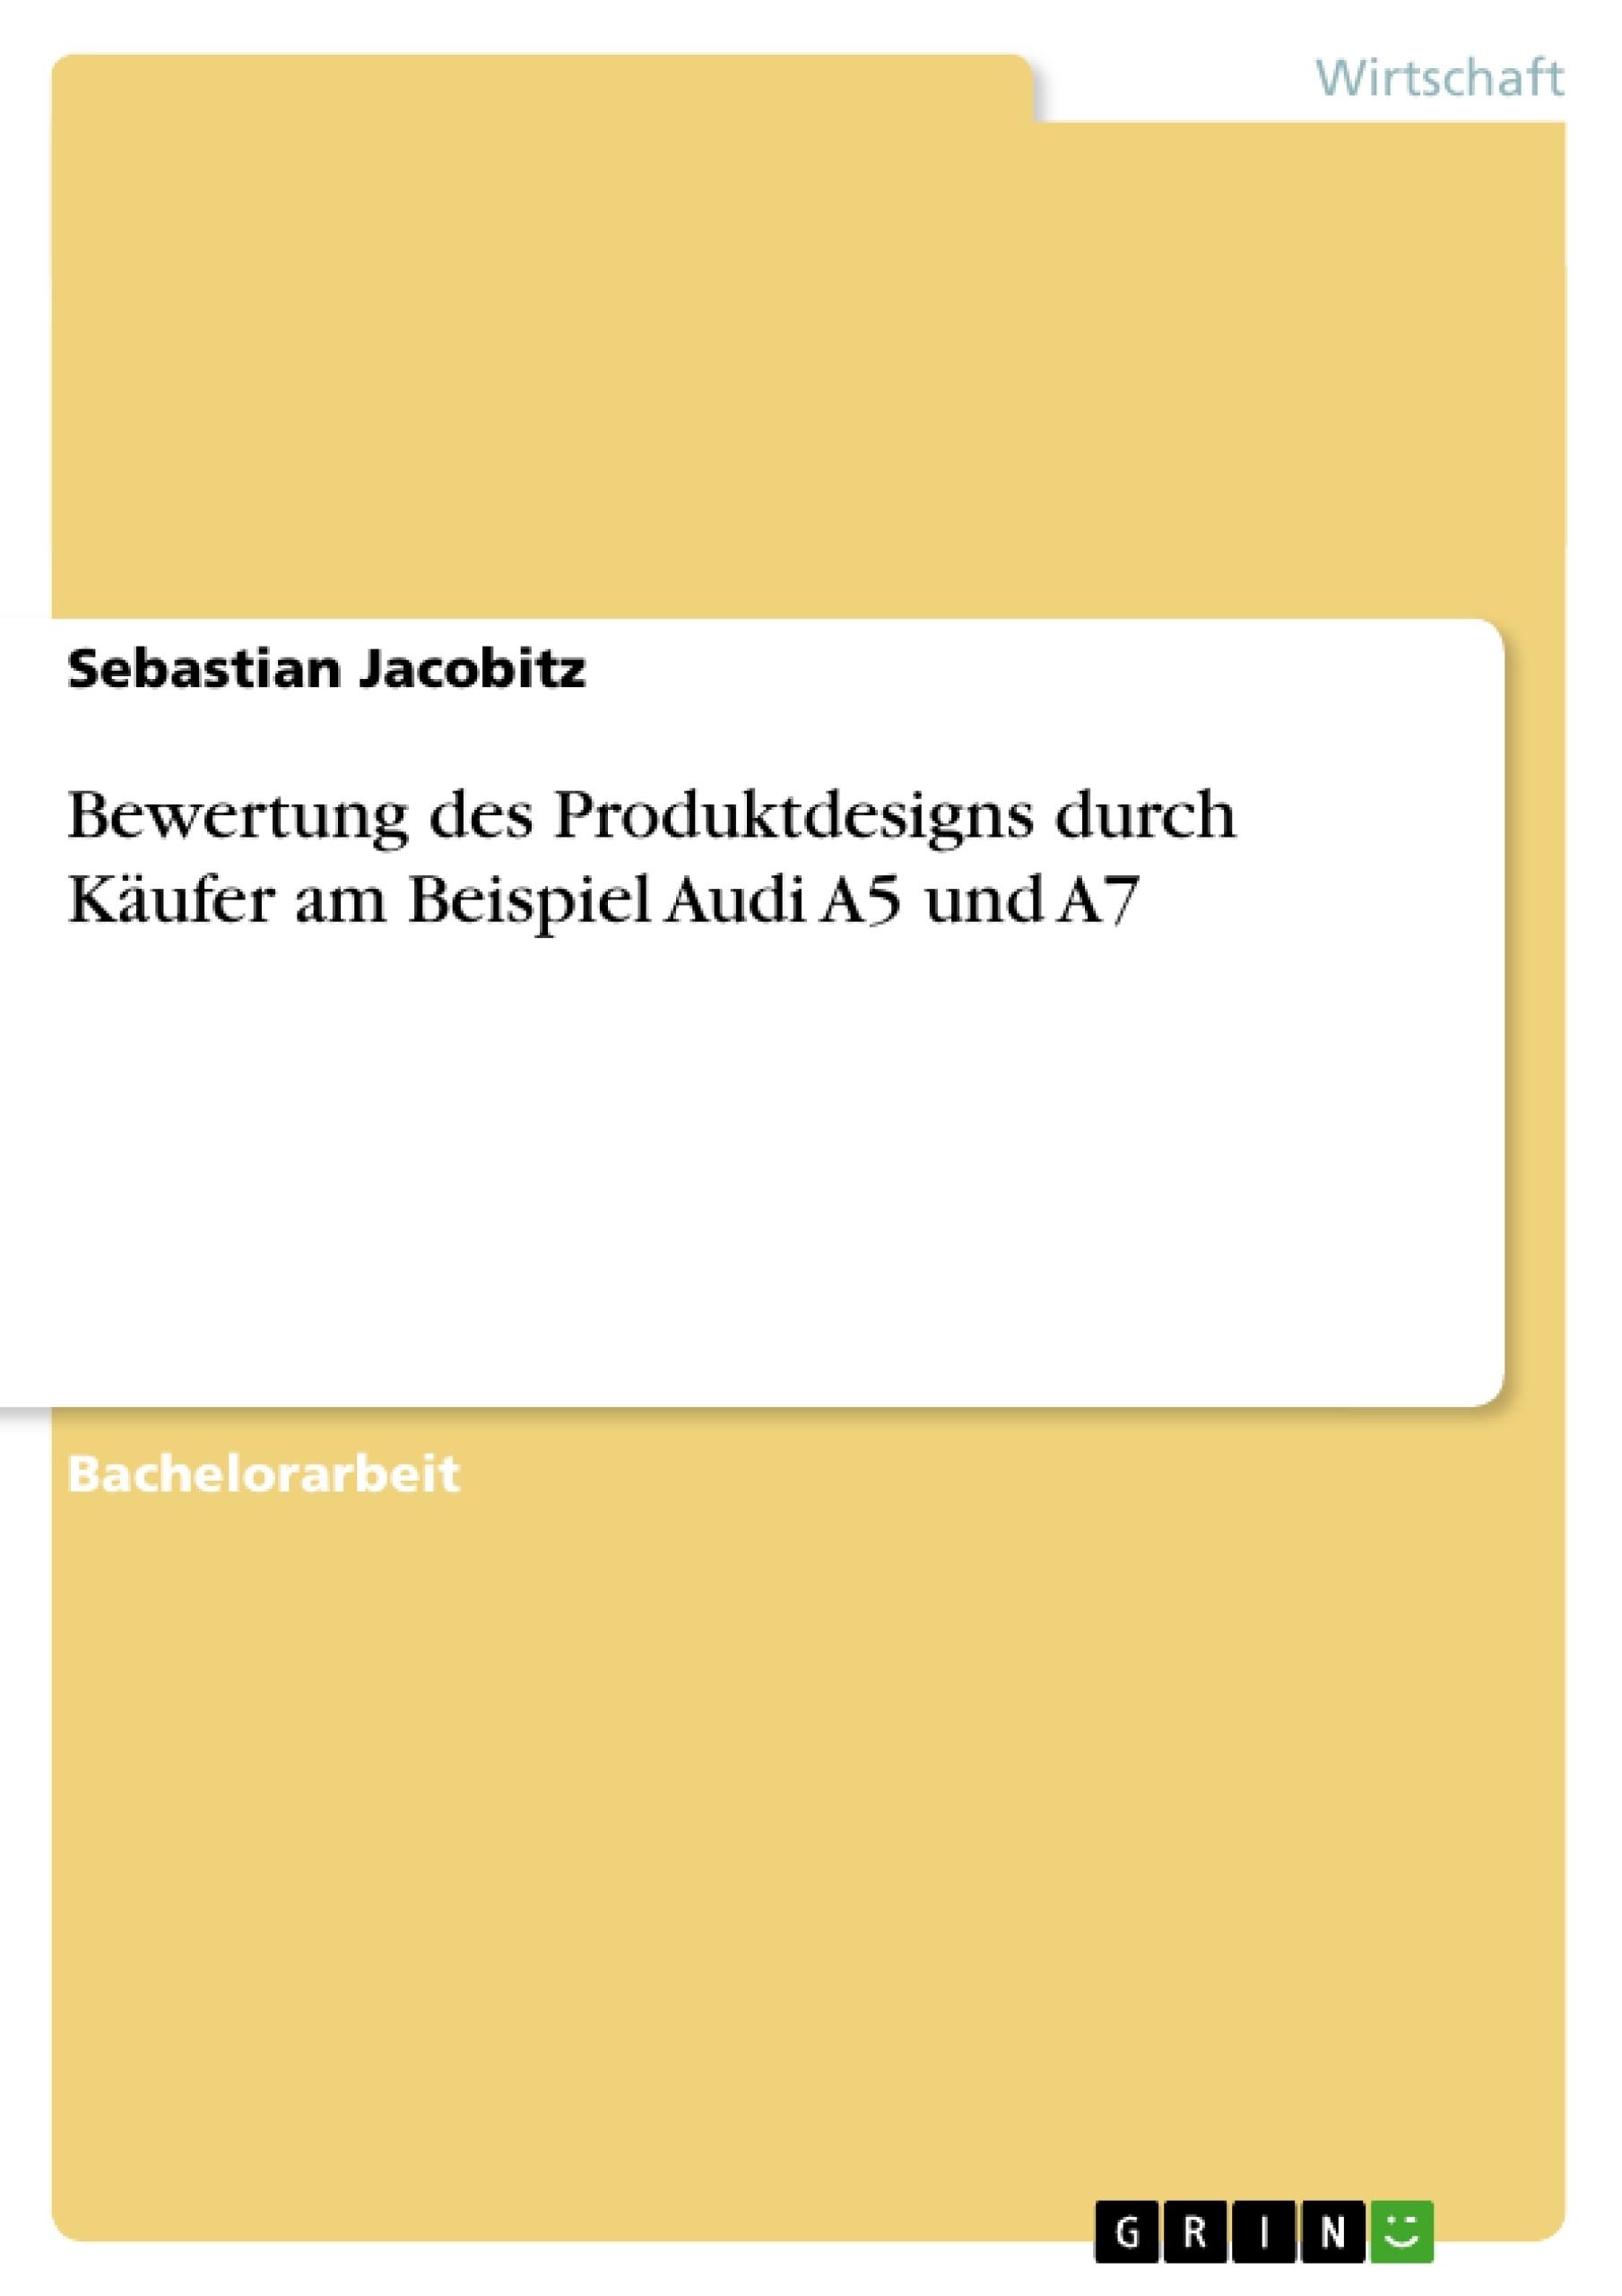 Titel: Bewertung des Produktdesigns durch Käufer am Beispiel Audi A5 und A7